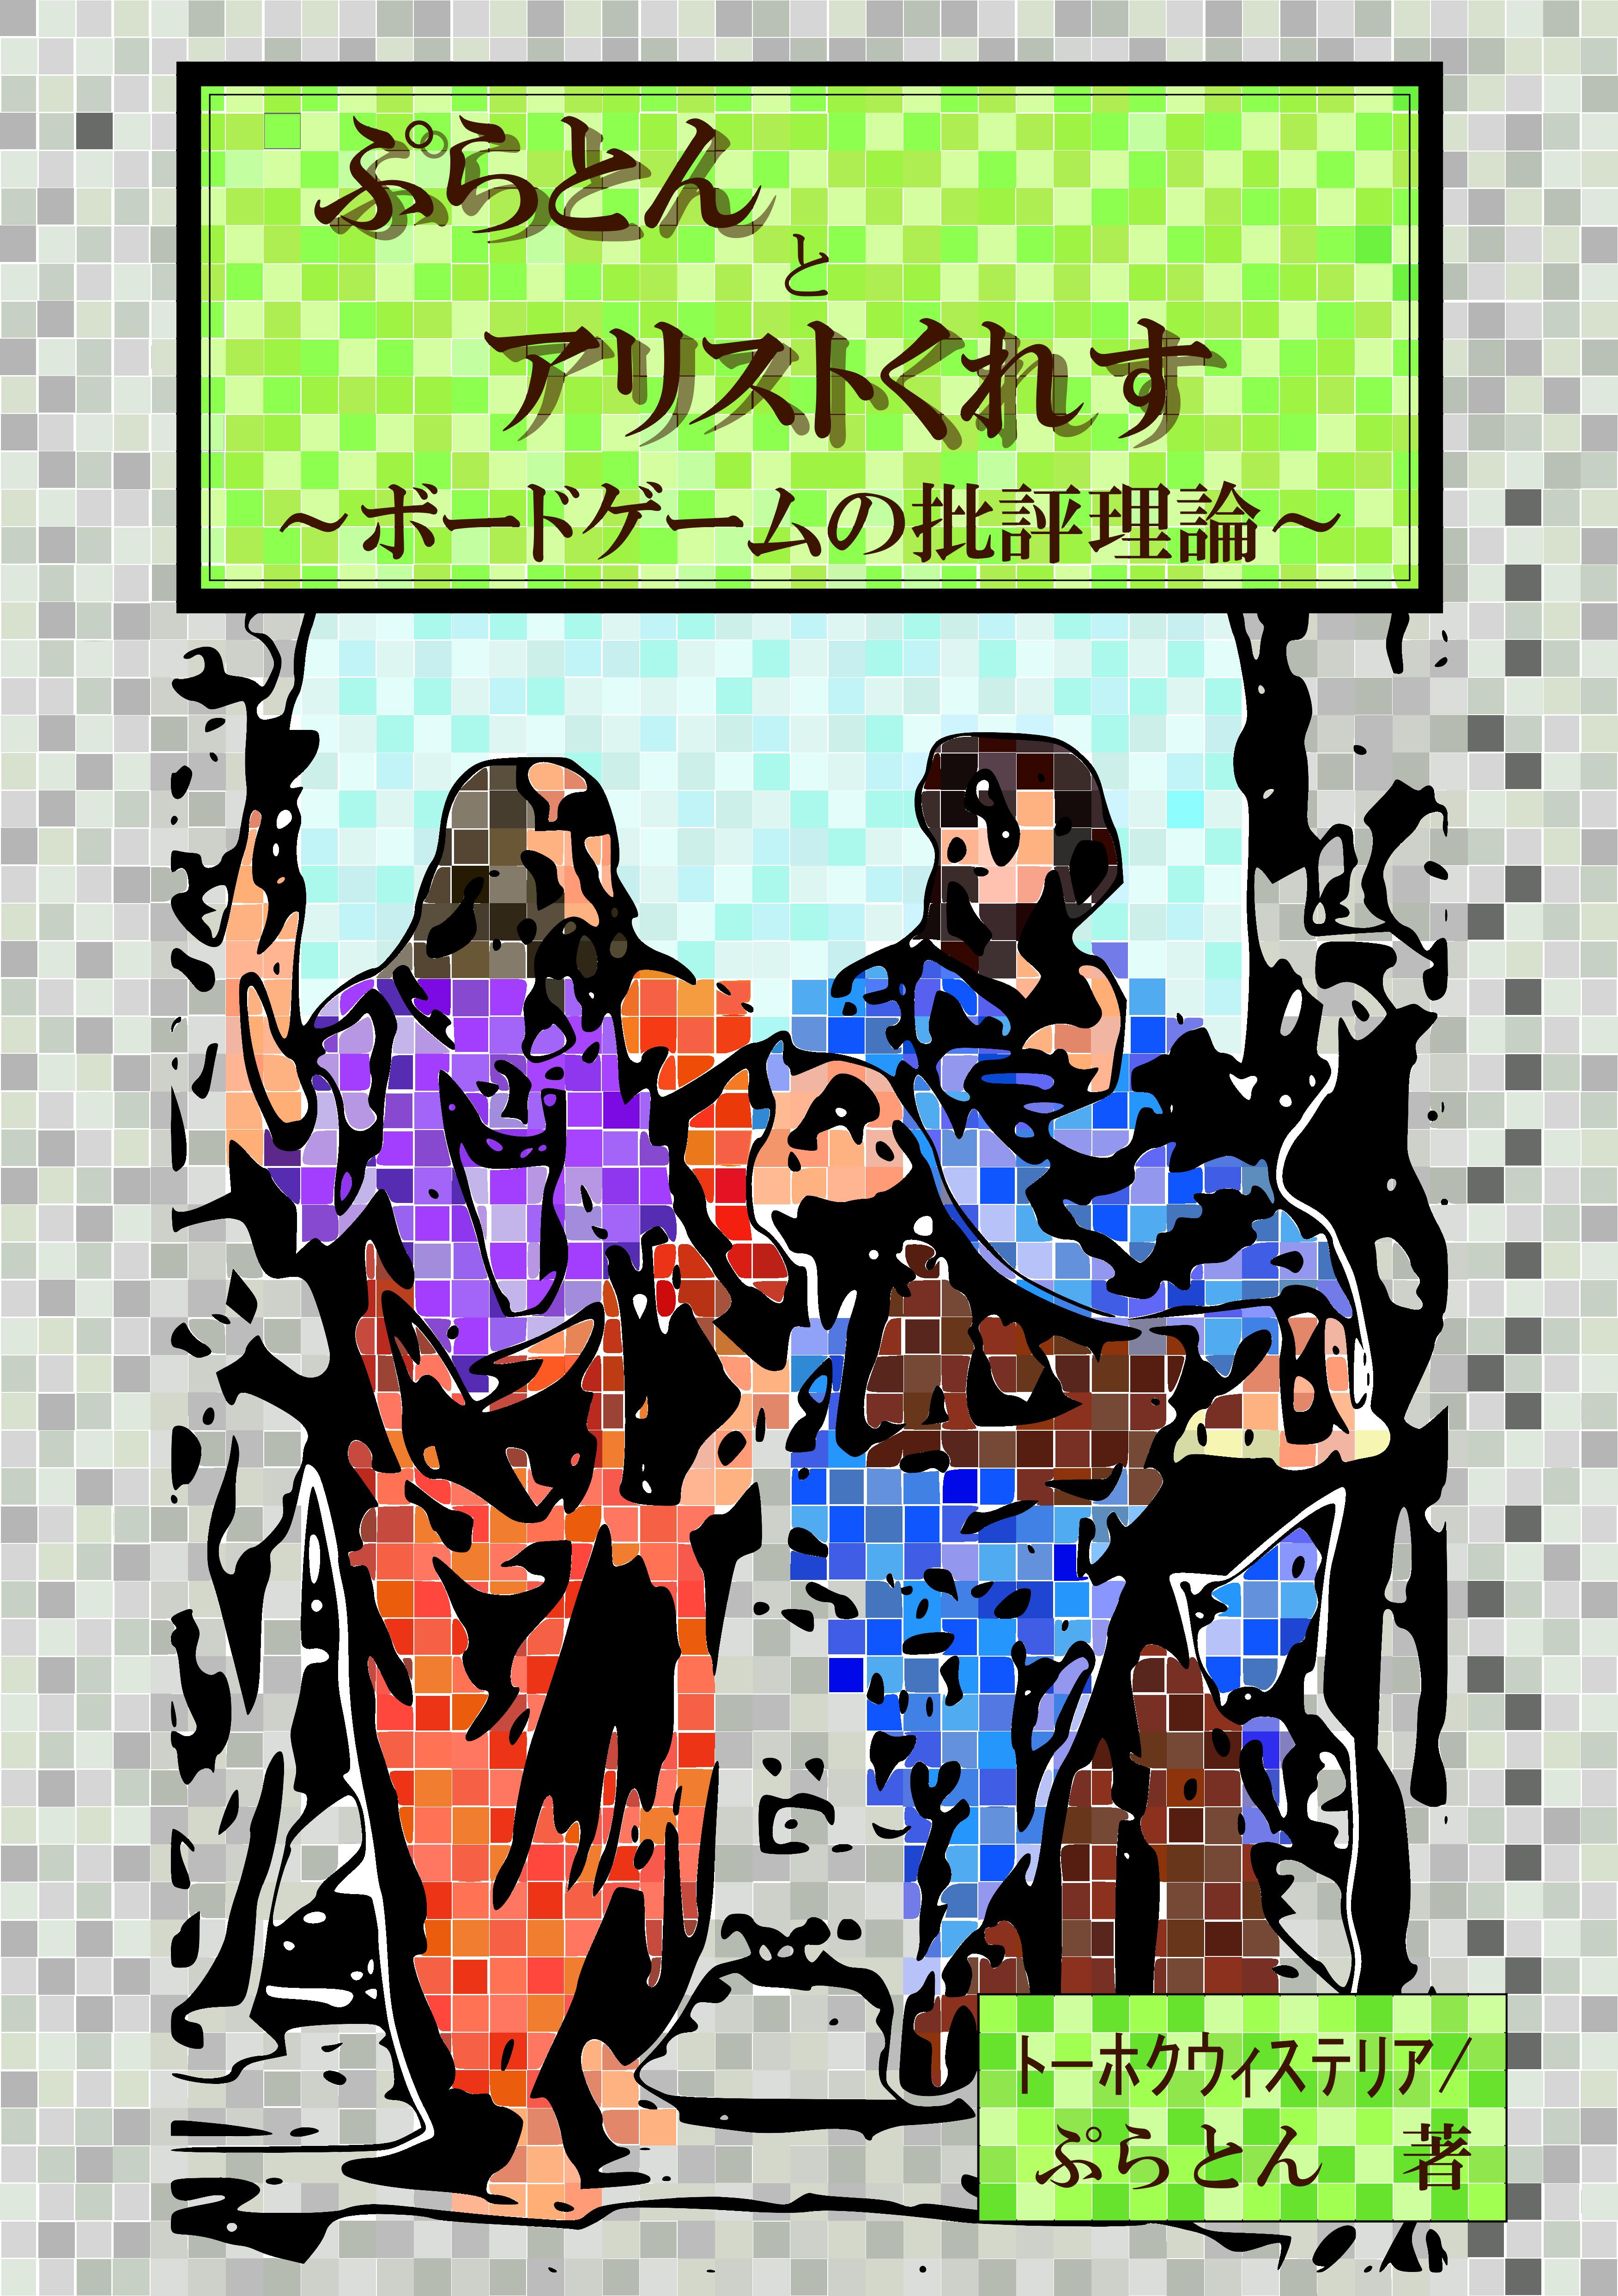 ぷらとんとアリストくれす第2版表紙_宣伝用_600dpi